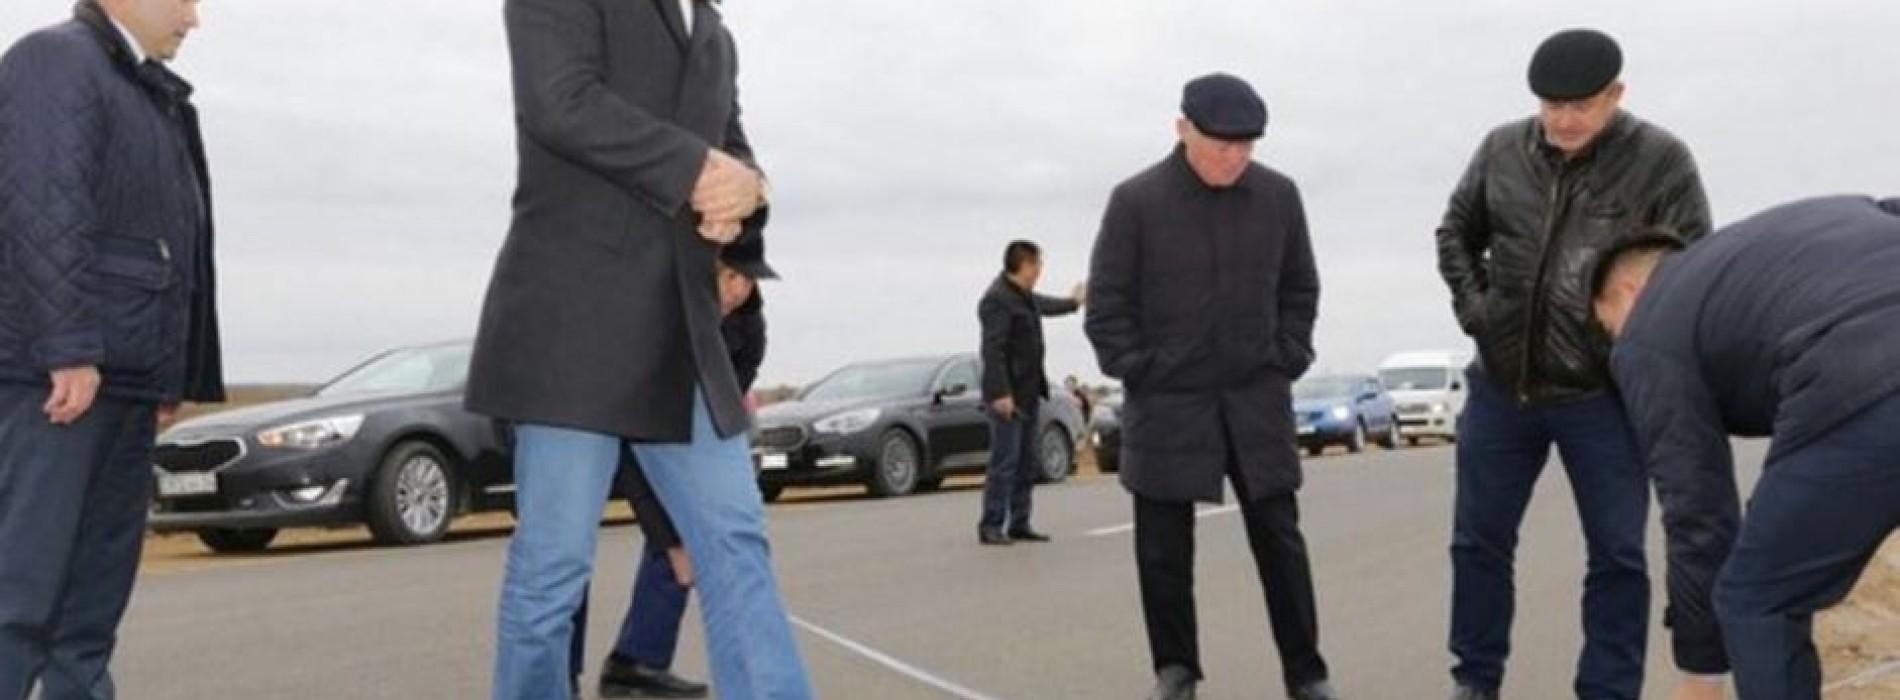 Аким Актюбинской области измерил новую дорогу рулеткой